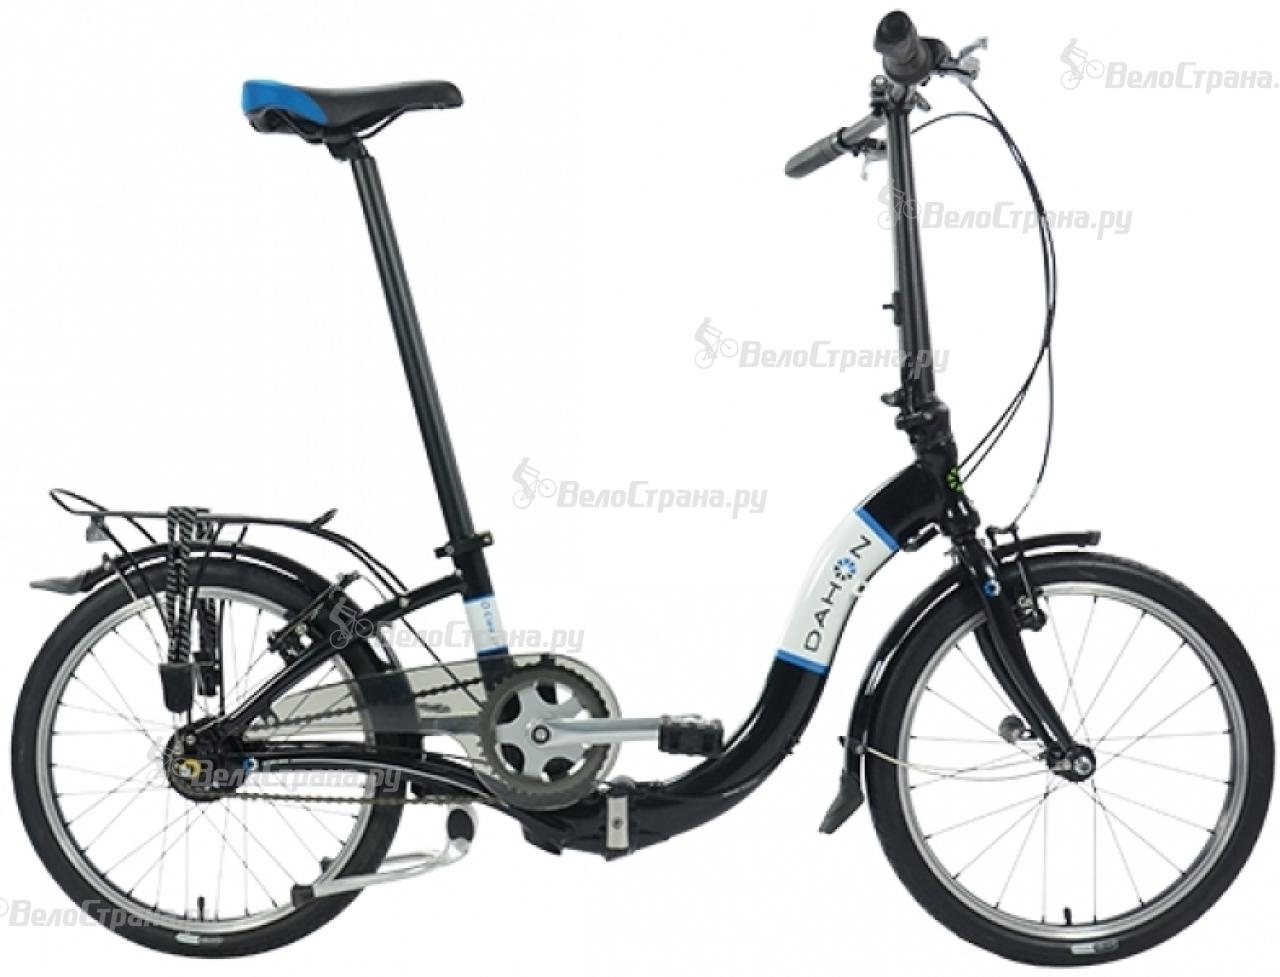 Велосипед Dahon Ciao i7 (2017) велосипед dahon compact e i7 2017